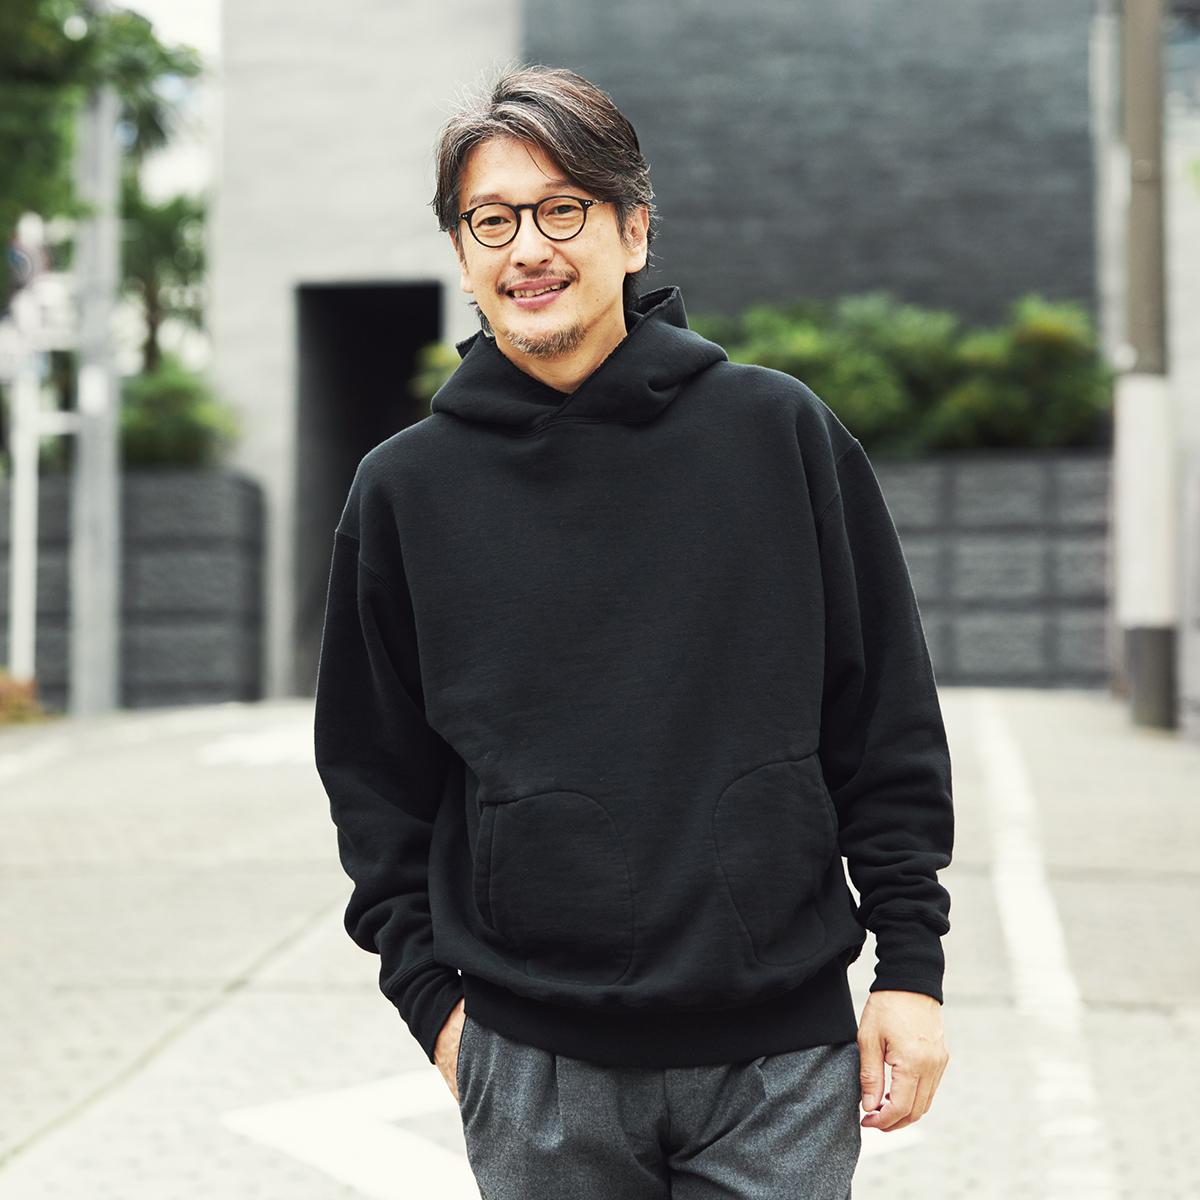 秋から春までロングシーズン着られるよう、シングルフェイス(一層)で仕立てて、より軽やかな着心地に。スポルディング社の名作から、現存していない「ブラック」をMade in Japanで「サイドラインパーカ/シングル」|A.G. Spalding & Bros